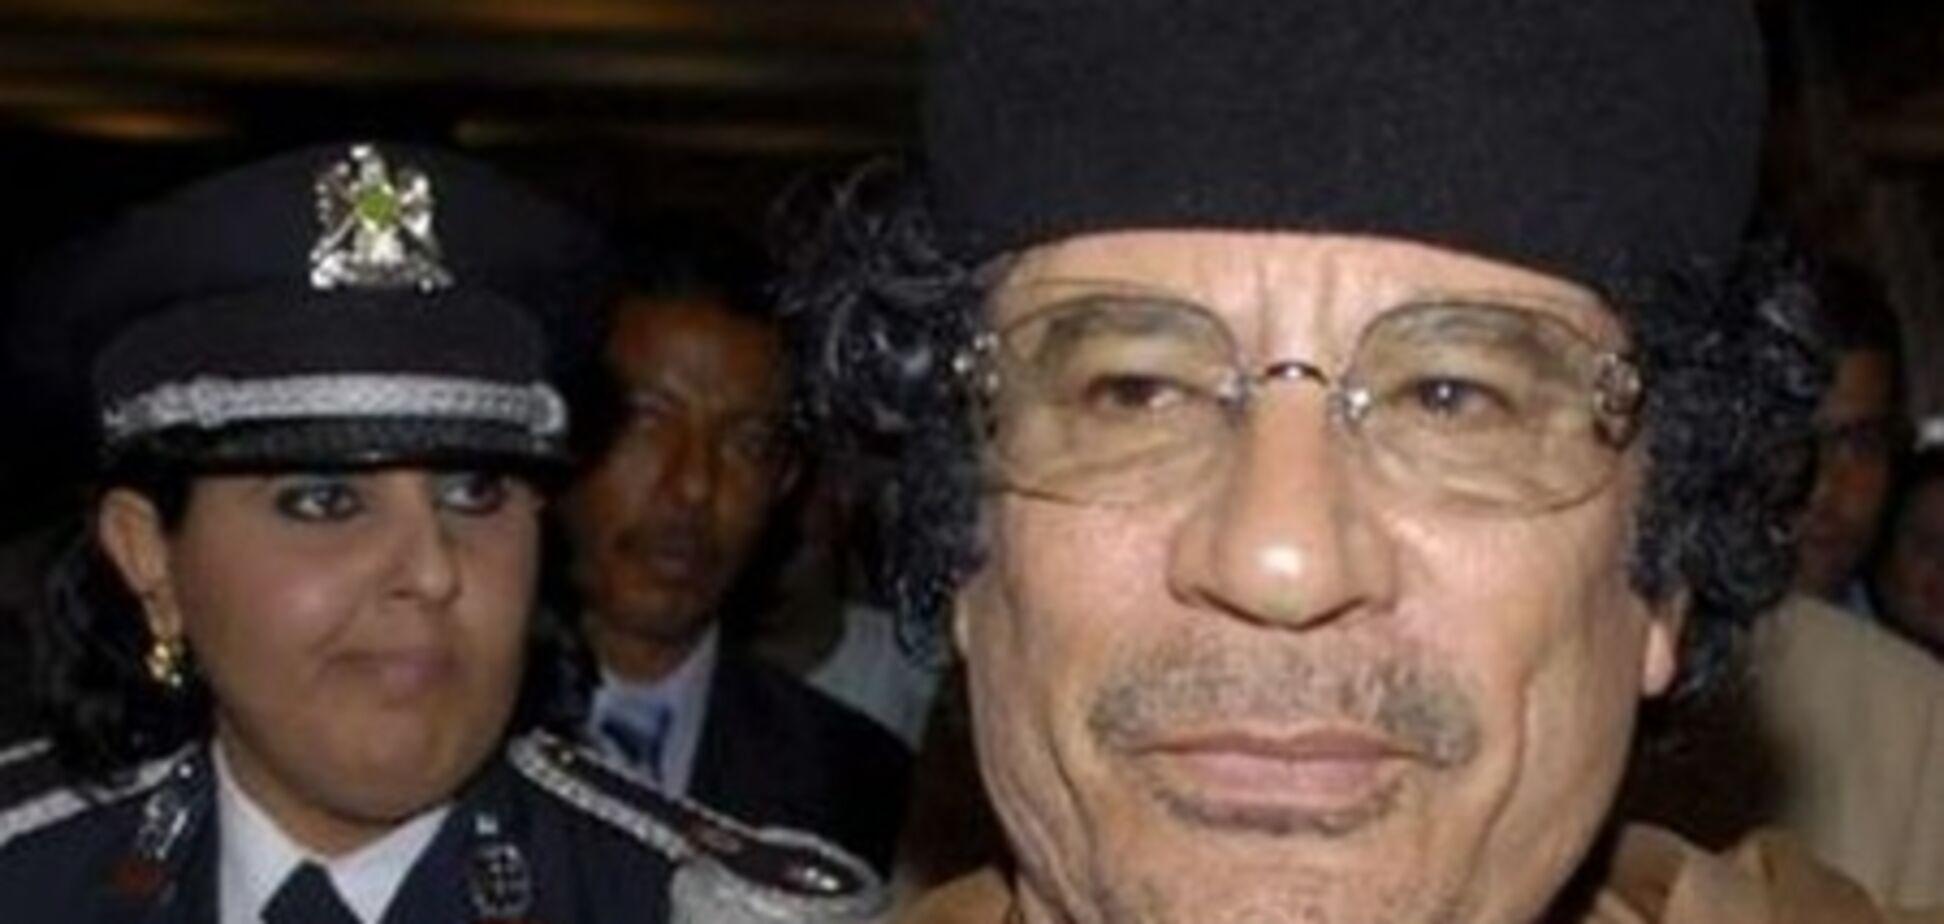 Войска НАТО убили еще одного члена семьи Каддафи